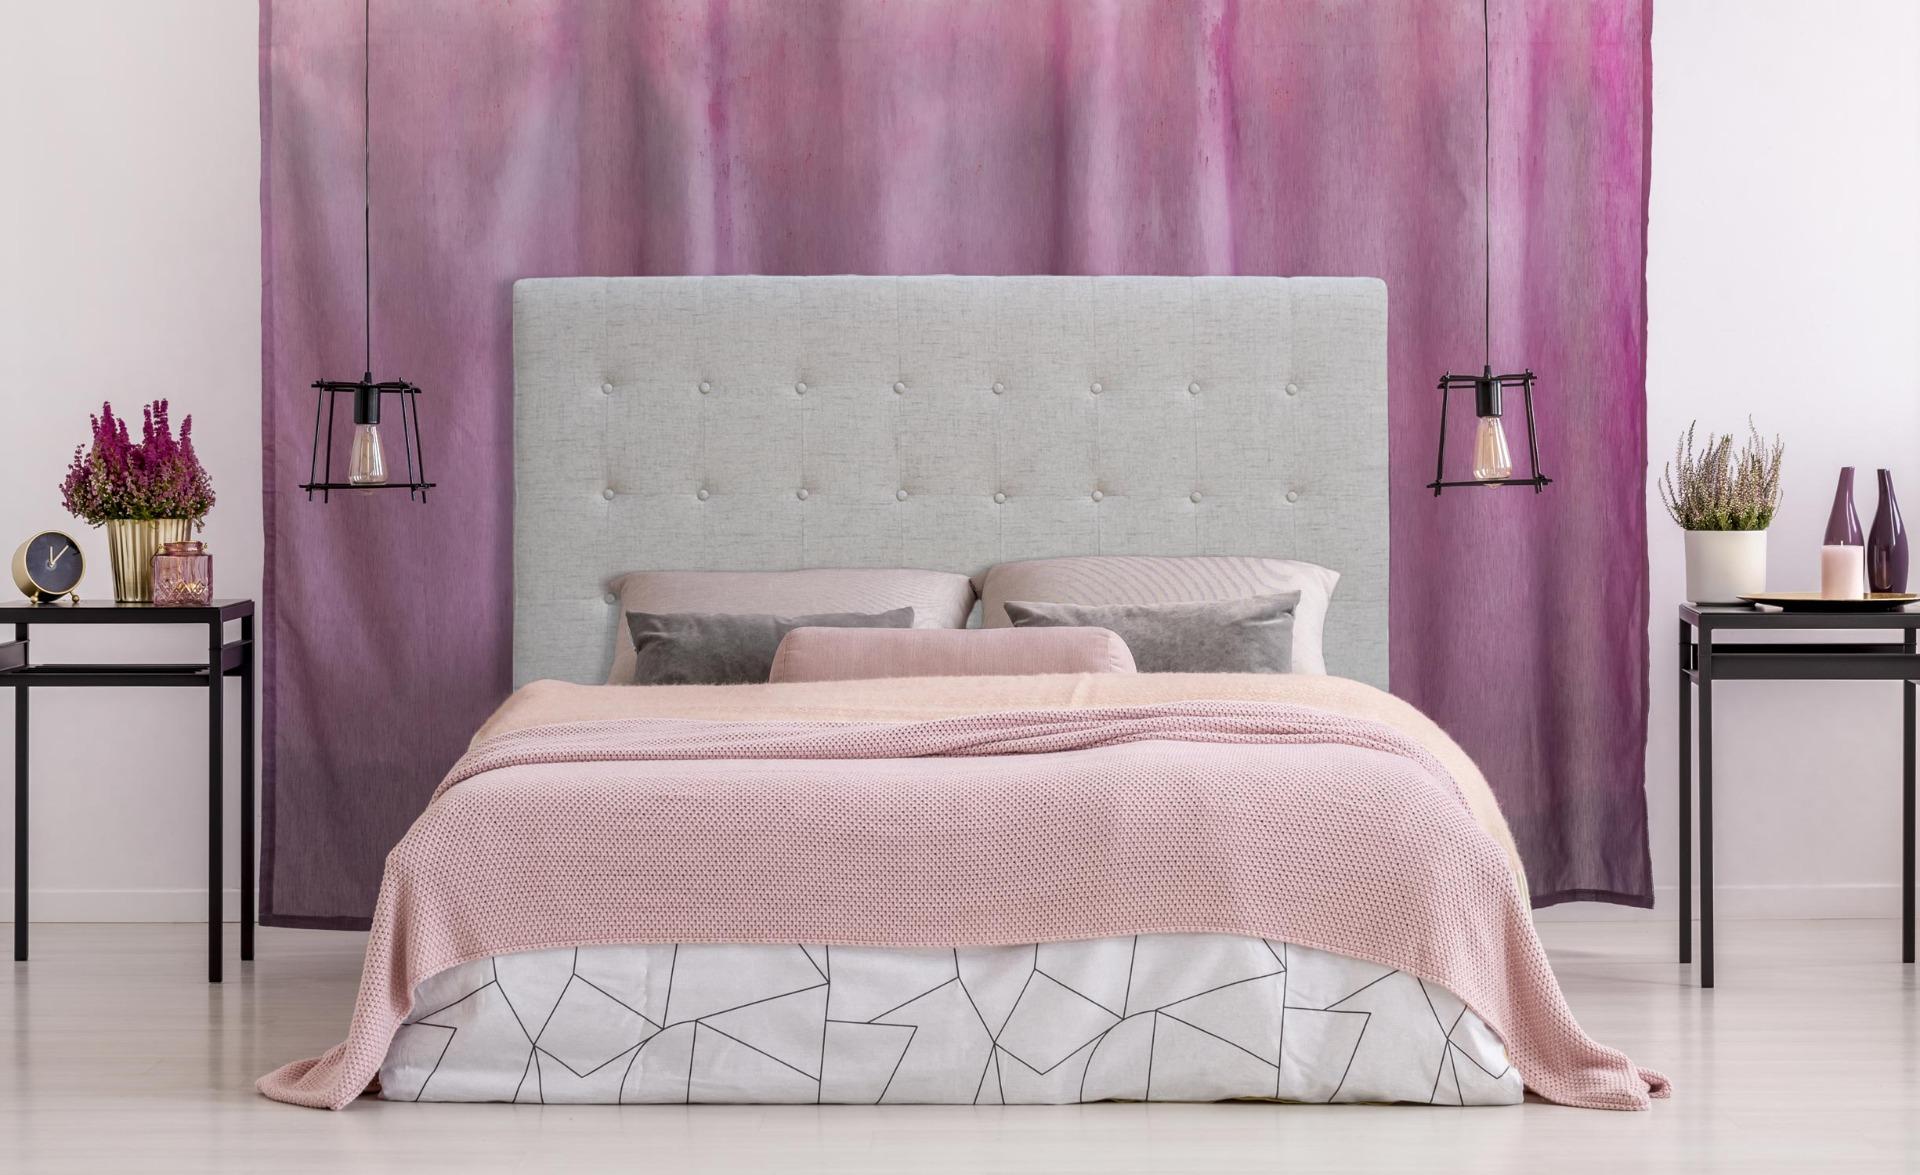 Luxor Kopfteil Bett 160cm mit Stoffbezug Beige